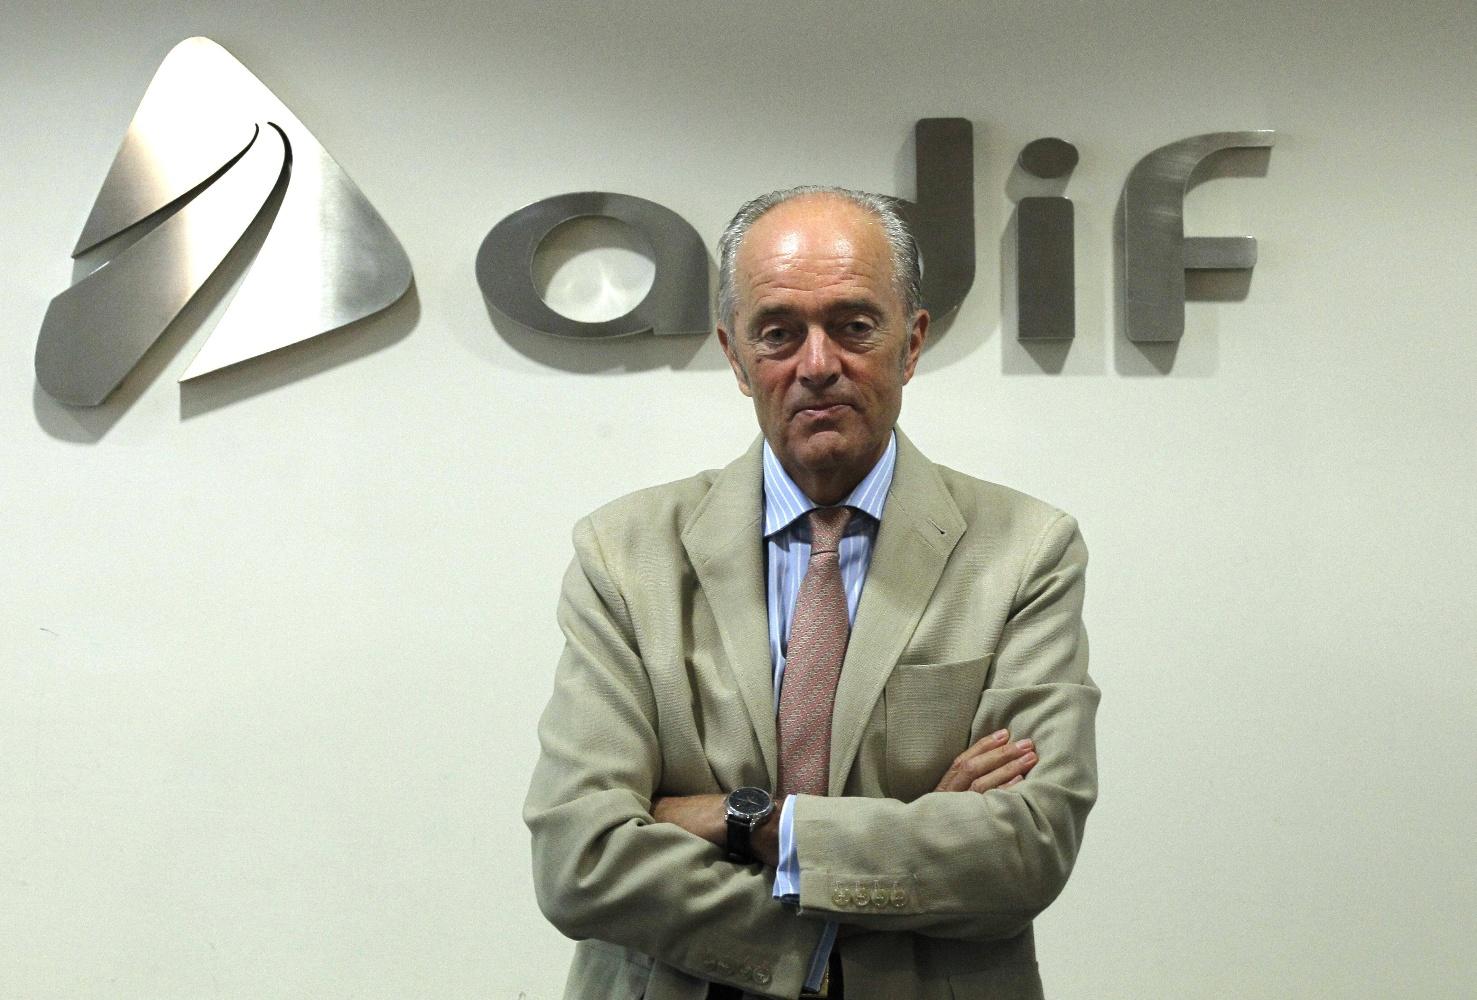 El presidente de Adif ha dado sin tapujos su opinión sobre el actual y futuro sistema ferroviario español.